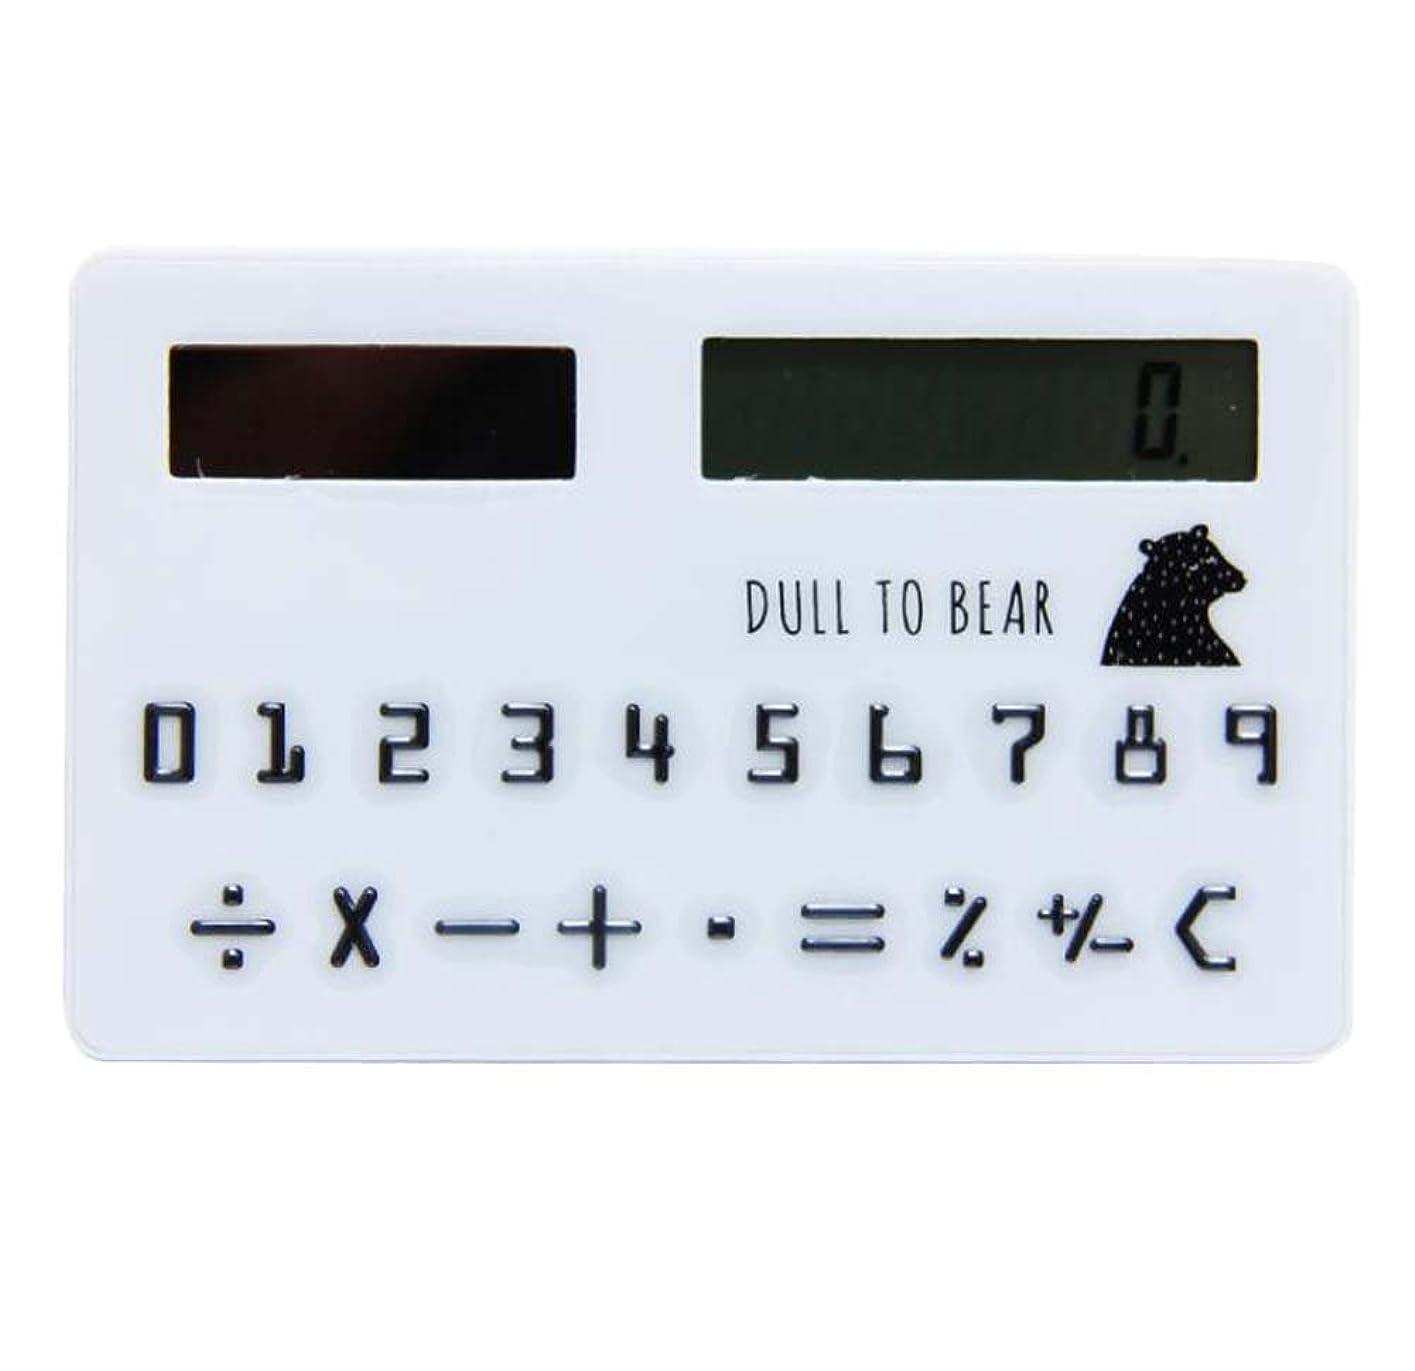 列挙するエキゾチック膨張するクリエイティブソーラー電卓かわいいミニ電卓、白